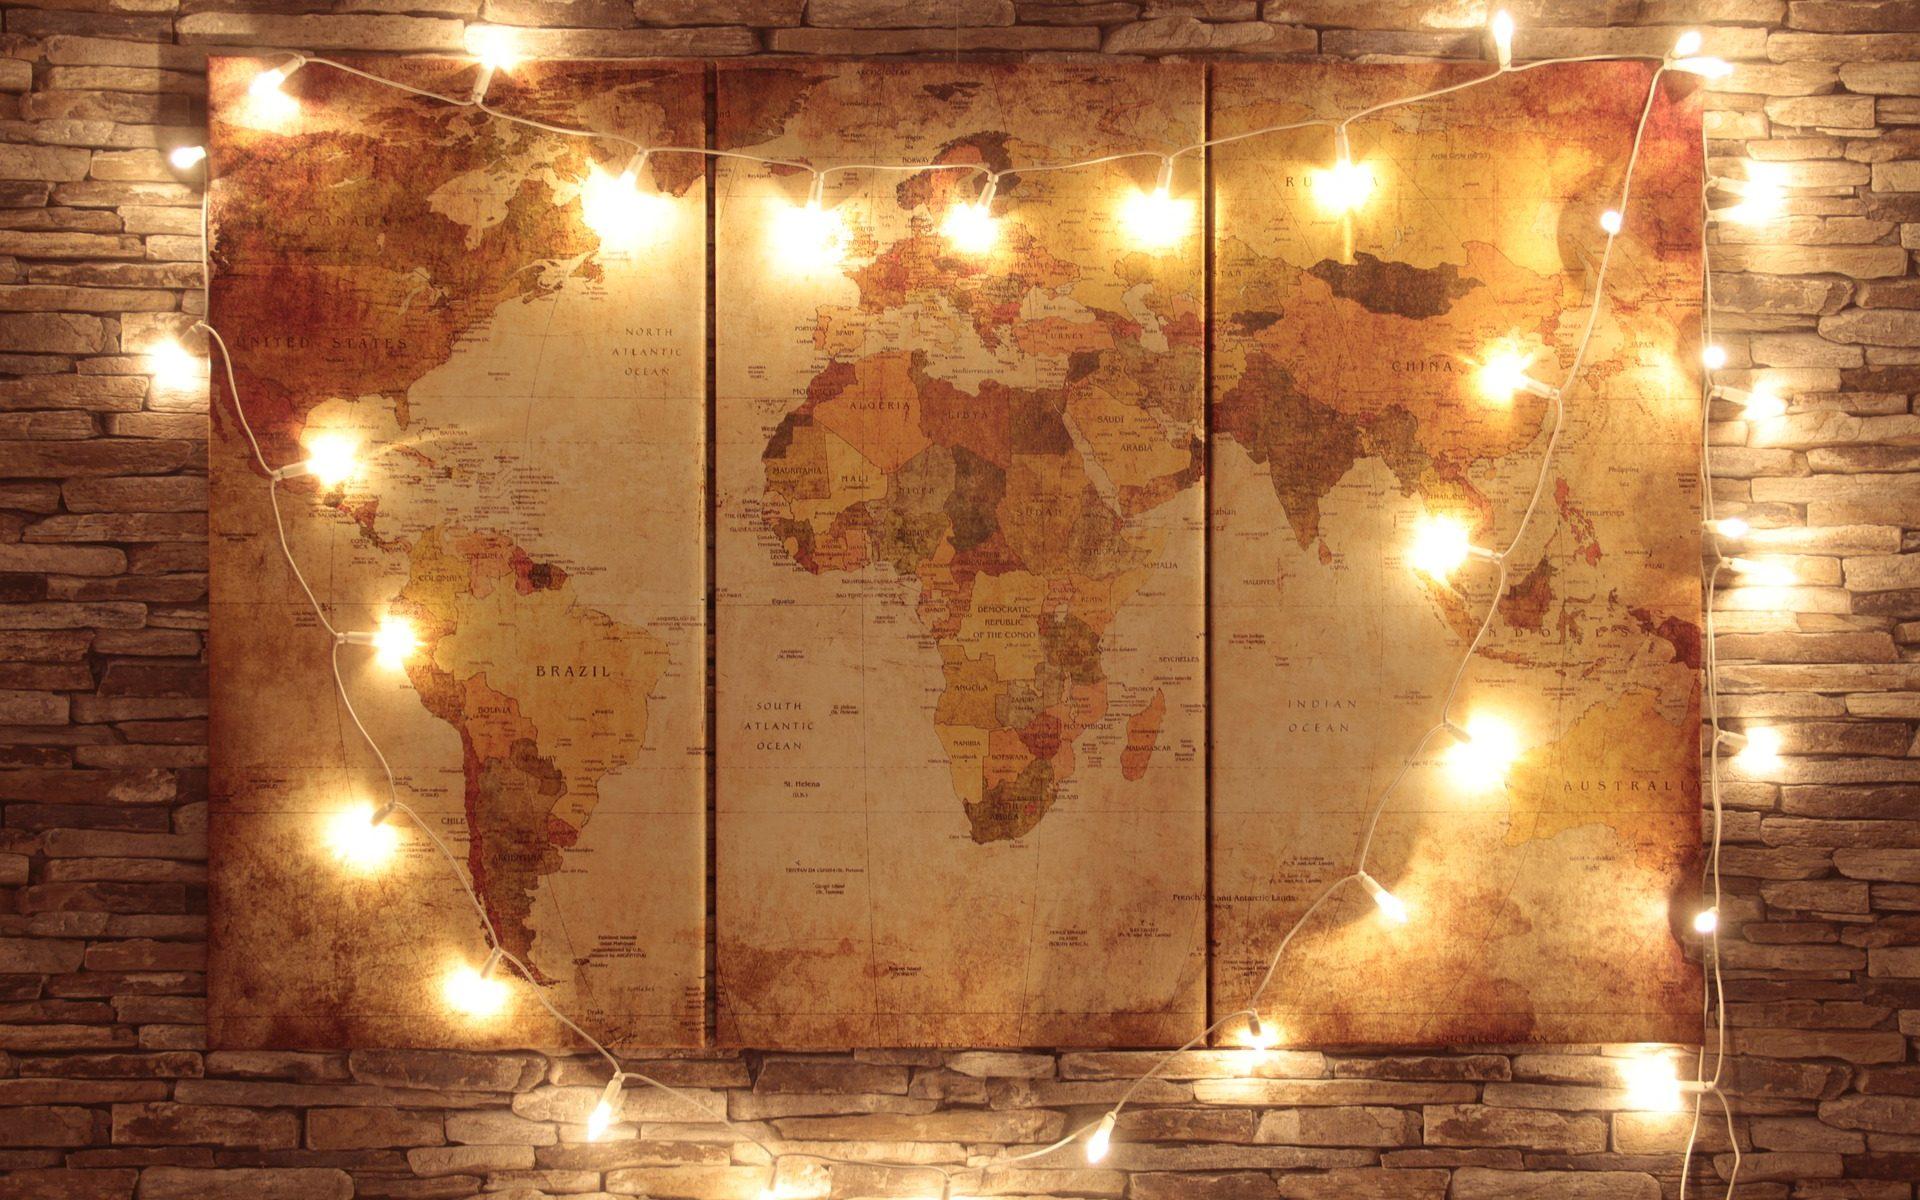 carte du monde entourée d'ampoules alumées